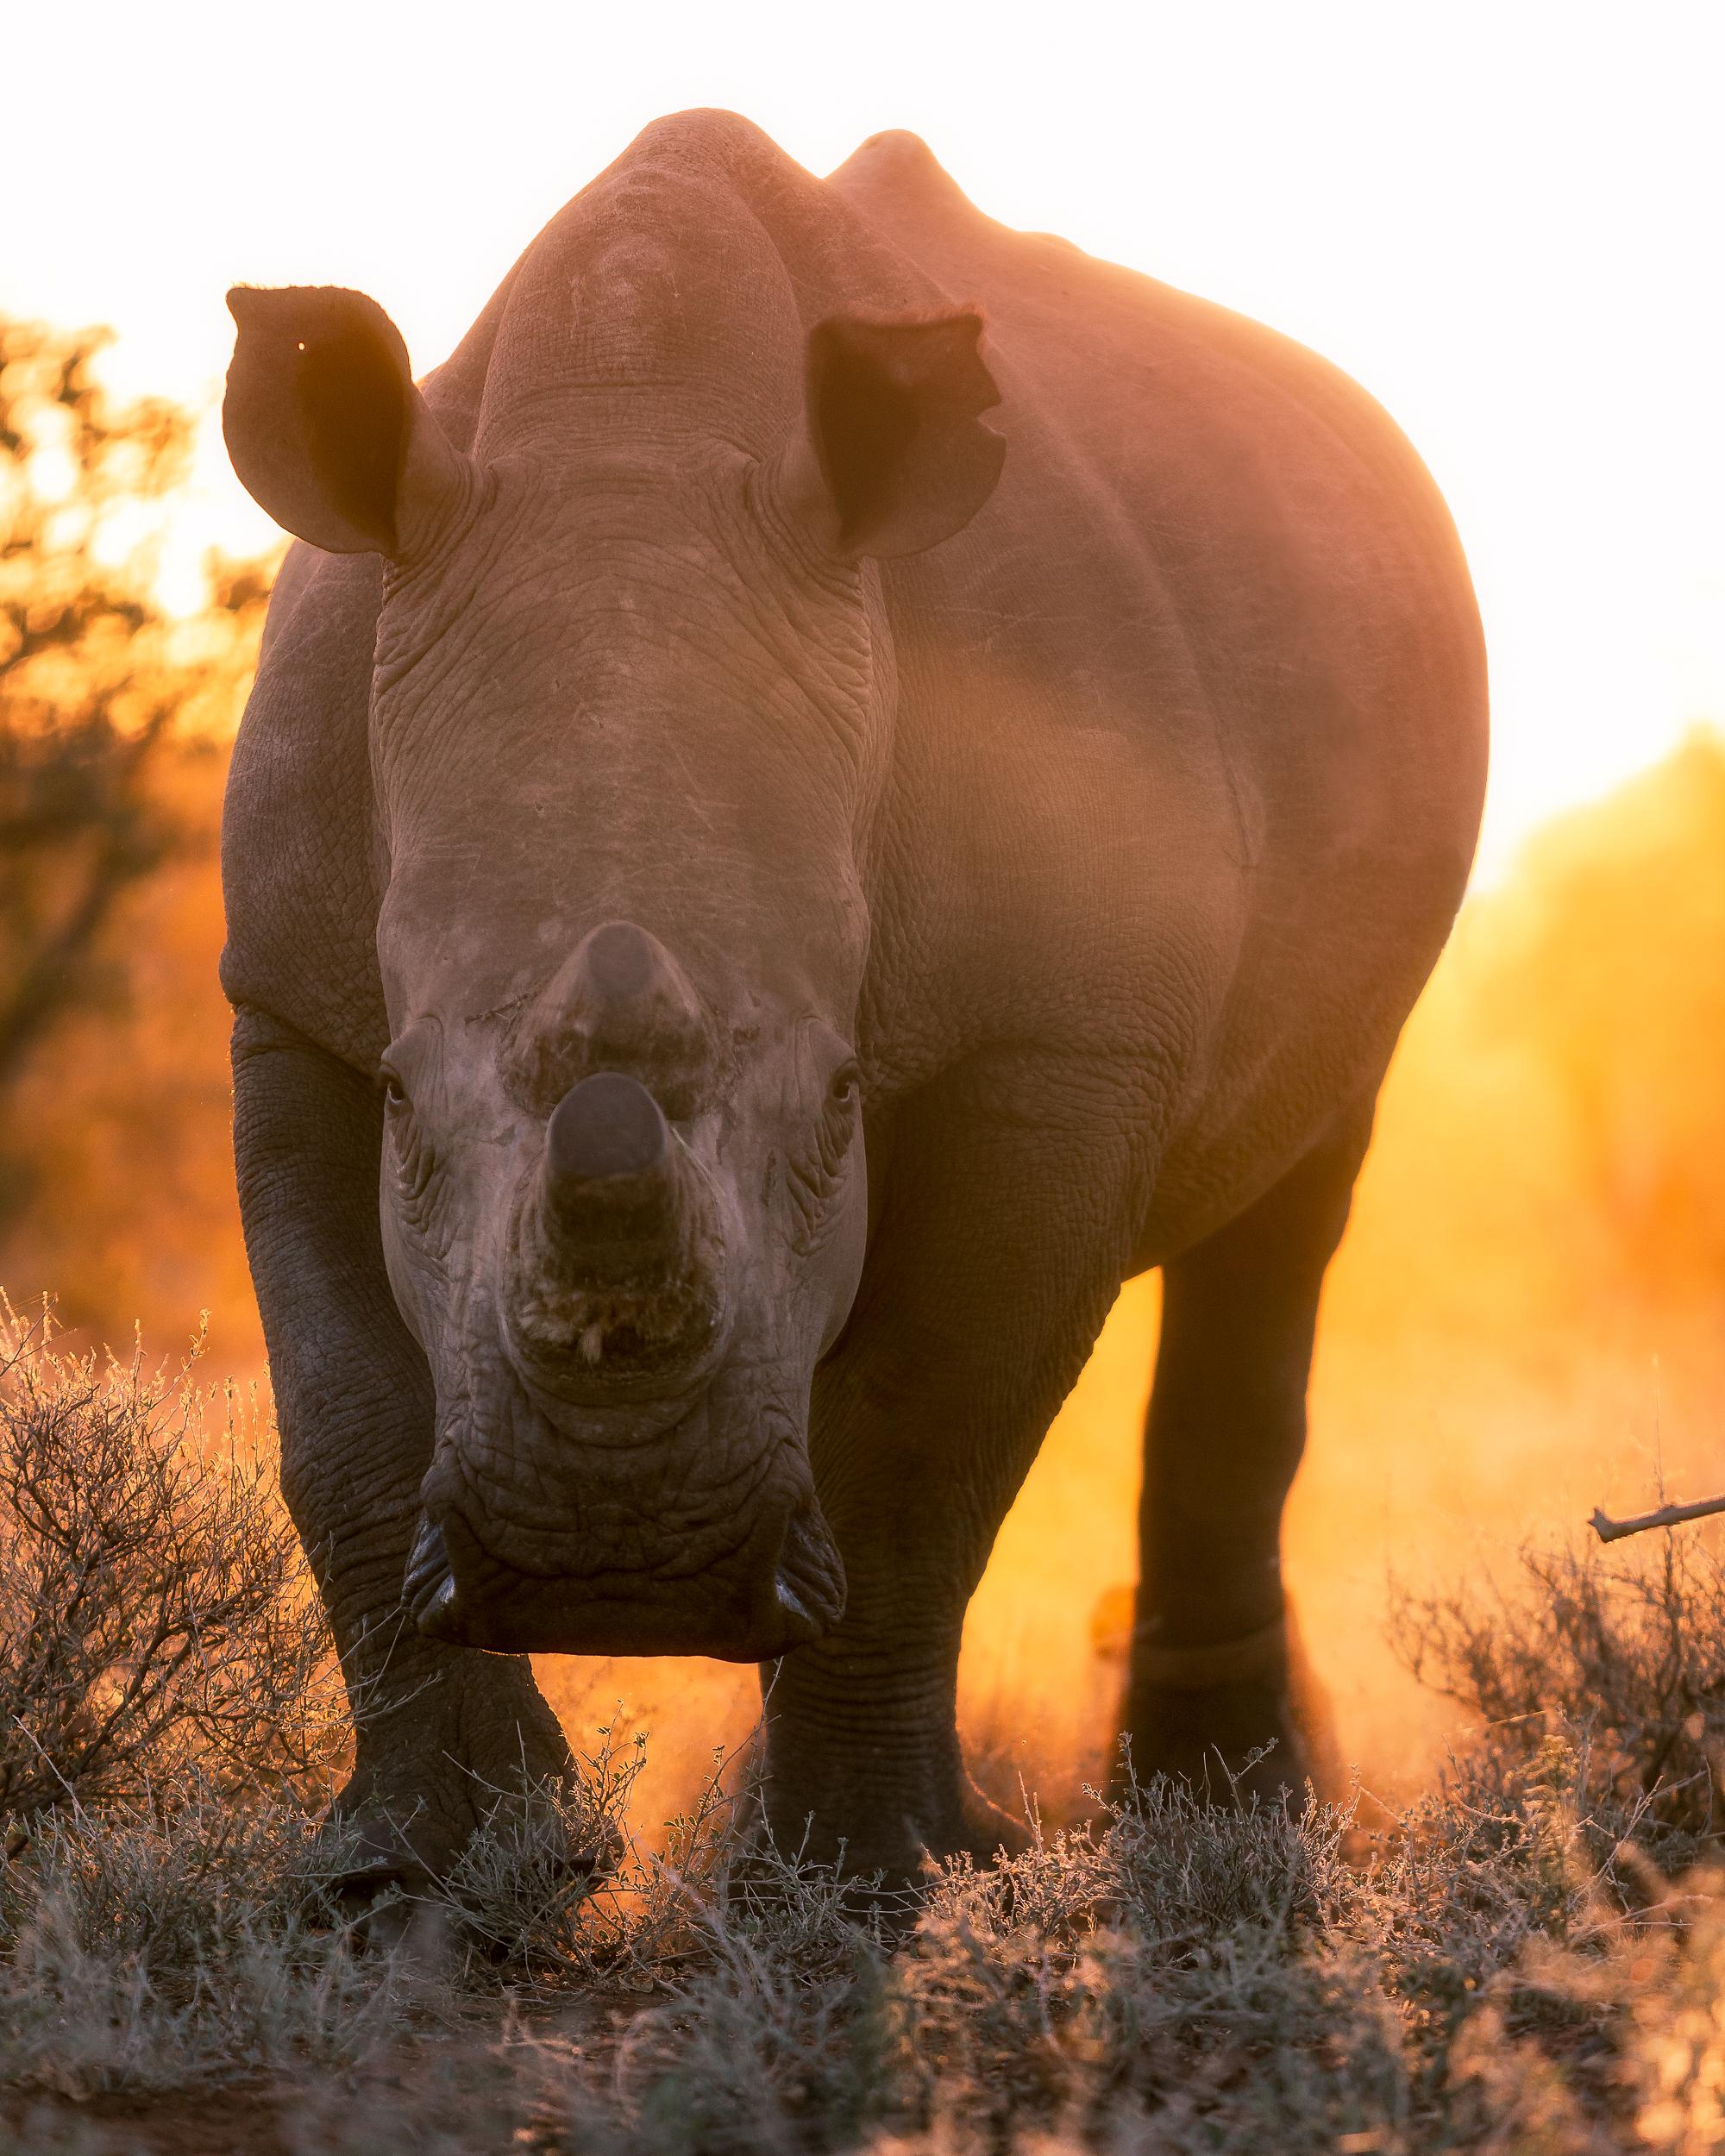 White Rhino by Mike O'Leary - Greengraf Photography-23.jpg